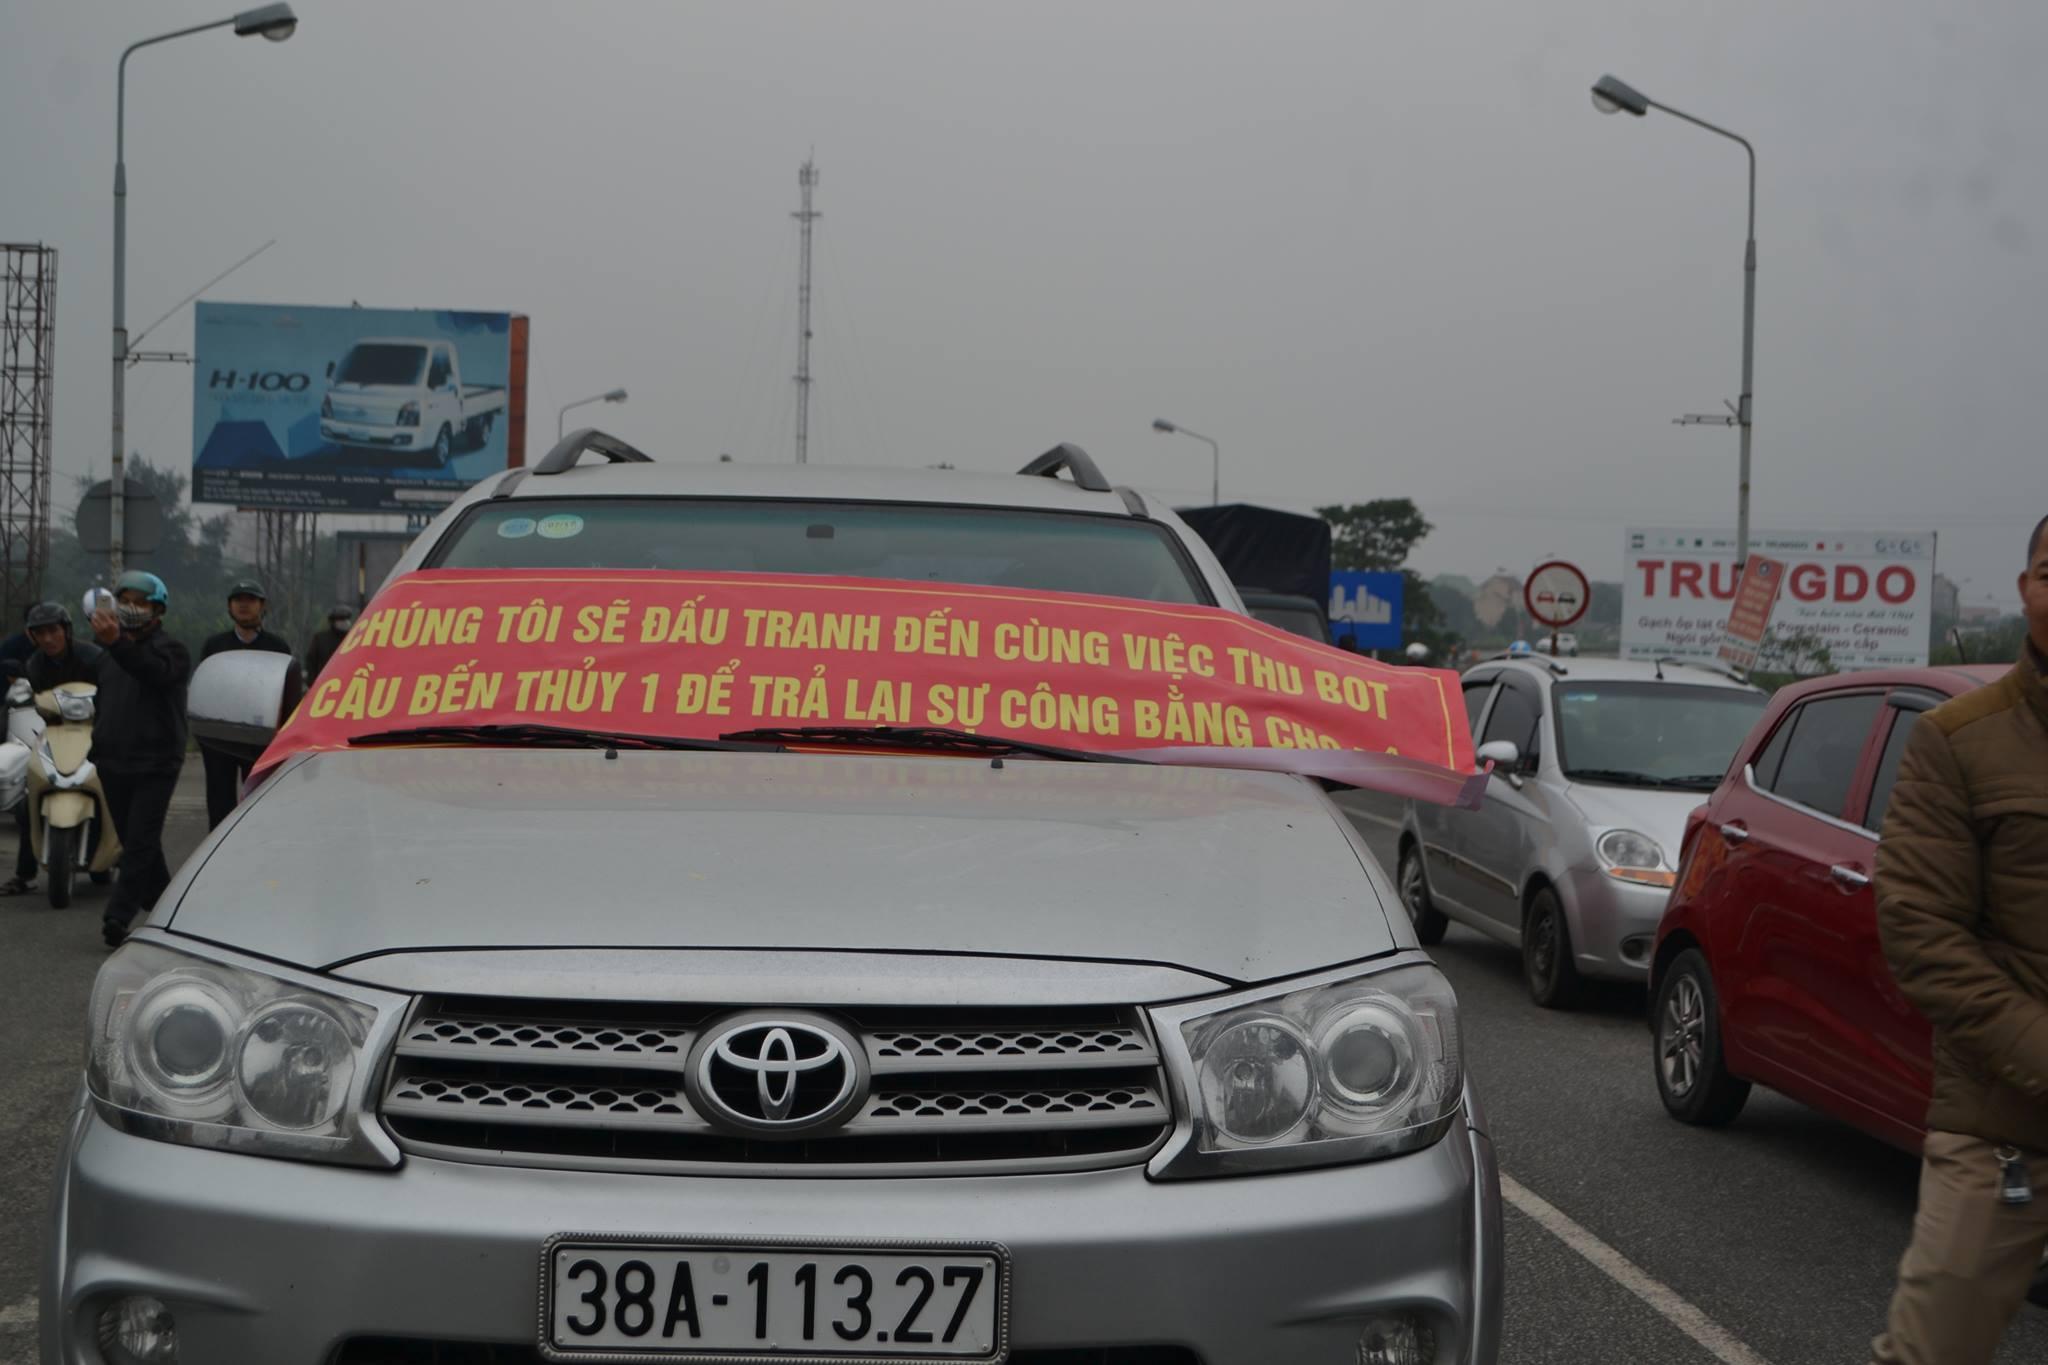 Người dân Nghệ An lại biểu tình chống trạm thu phí cầu Bến Thủy